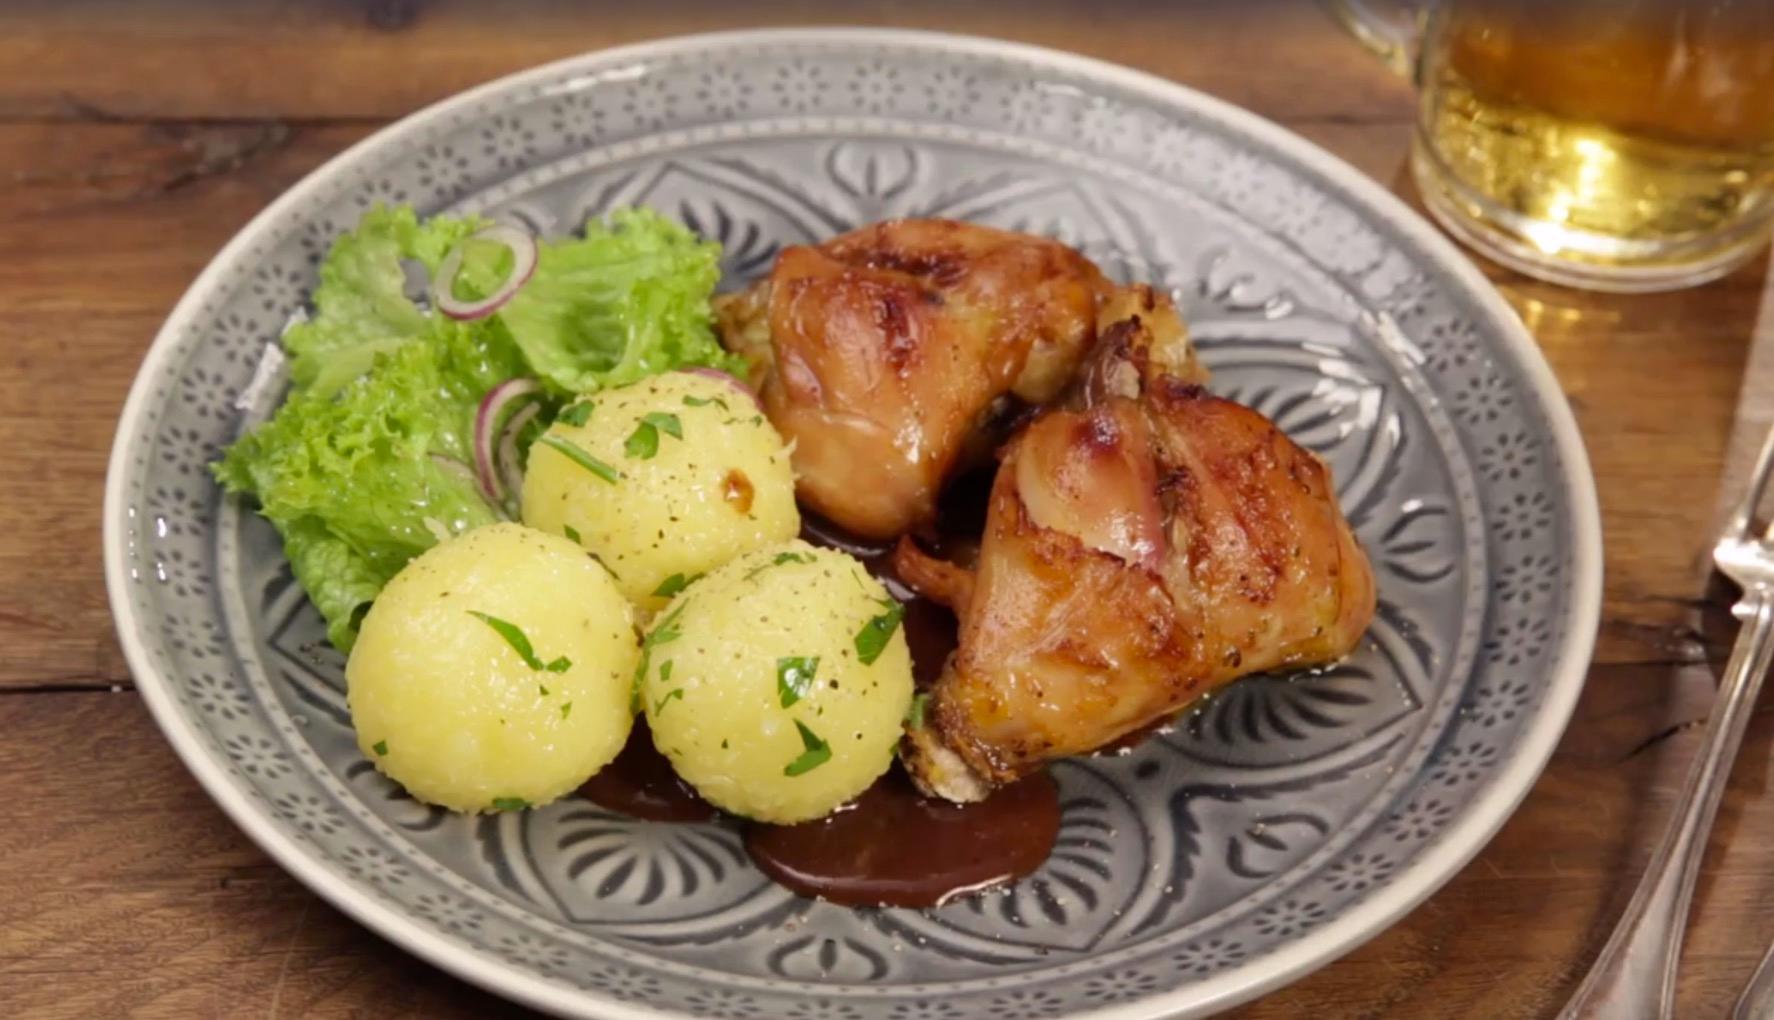 Kaninchenbraten serviert mit Klößen und Soße